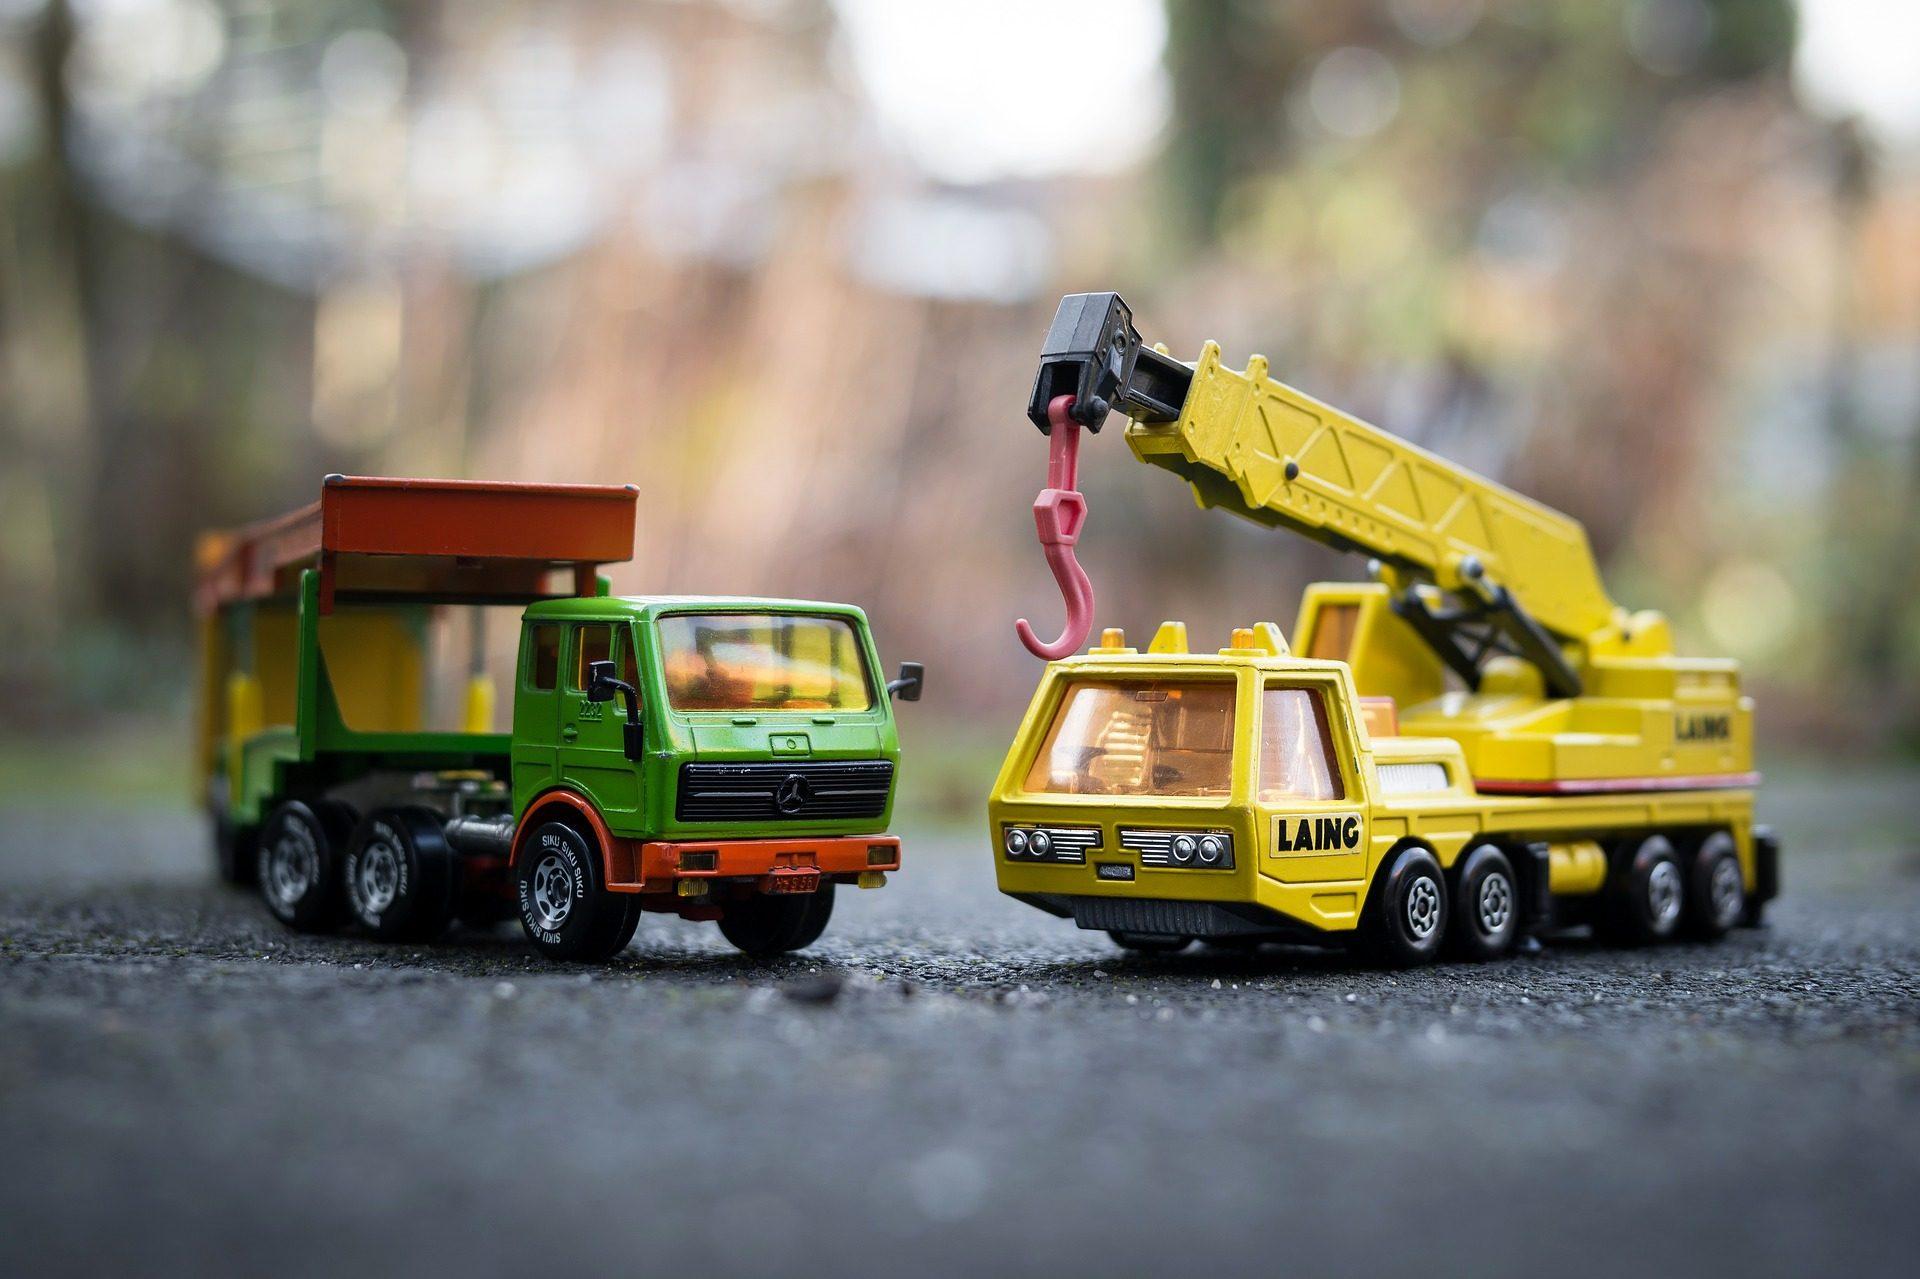 παιχνίδια, αυτοκίνητα, φορτηγό, Γερανός, οχήματα - Wallpapers HD - Professor-falken.com